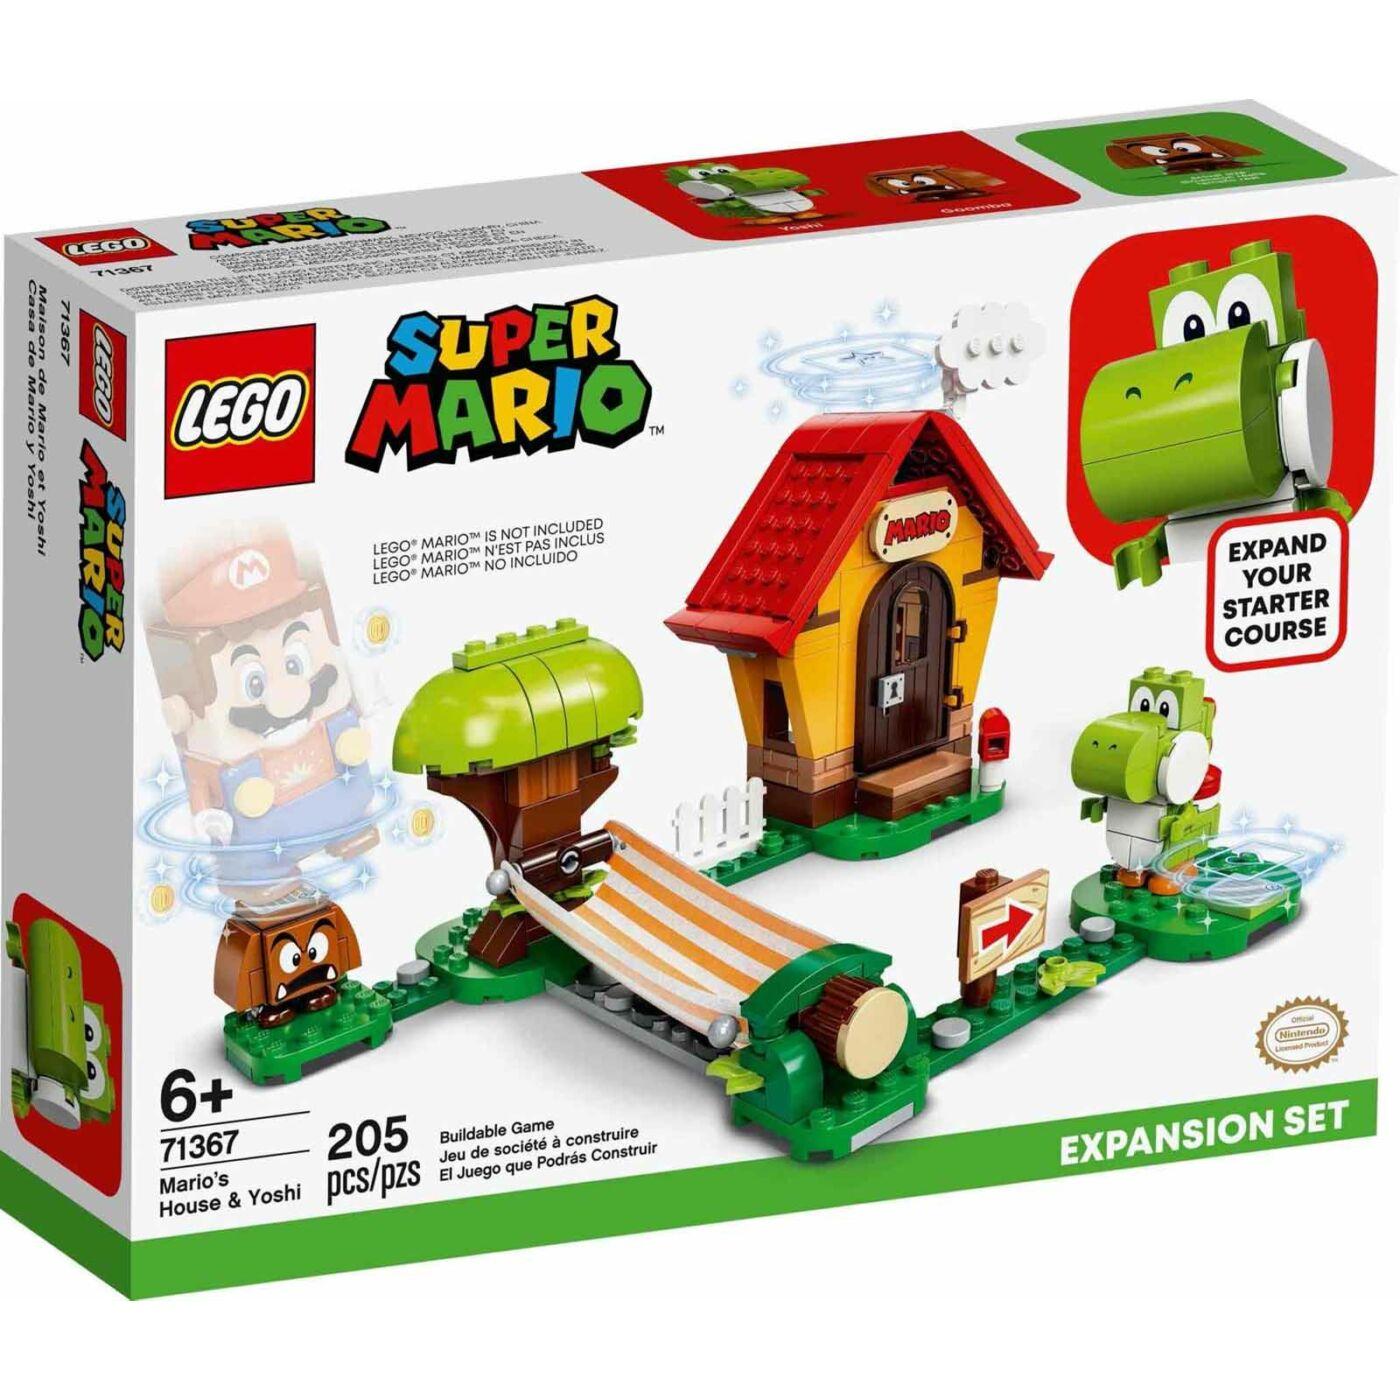 Lego Super Mario Mario háza & Yoshi kiegésztő szett